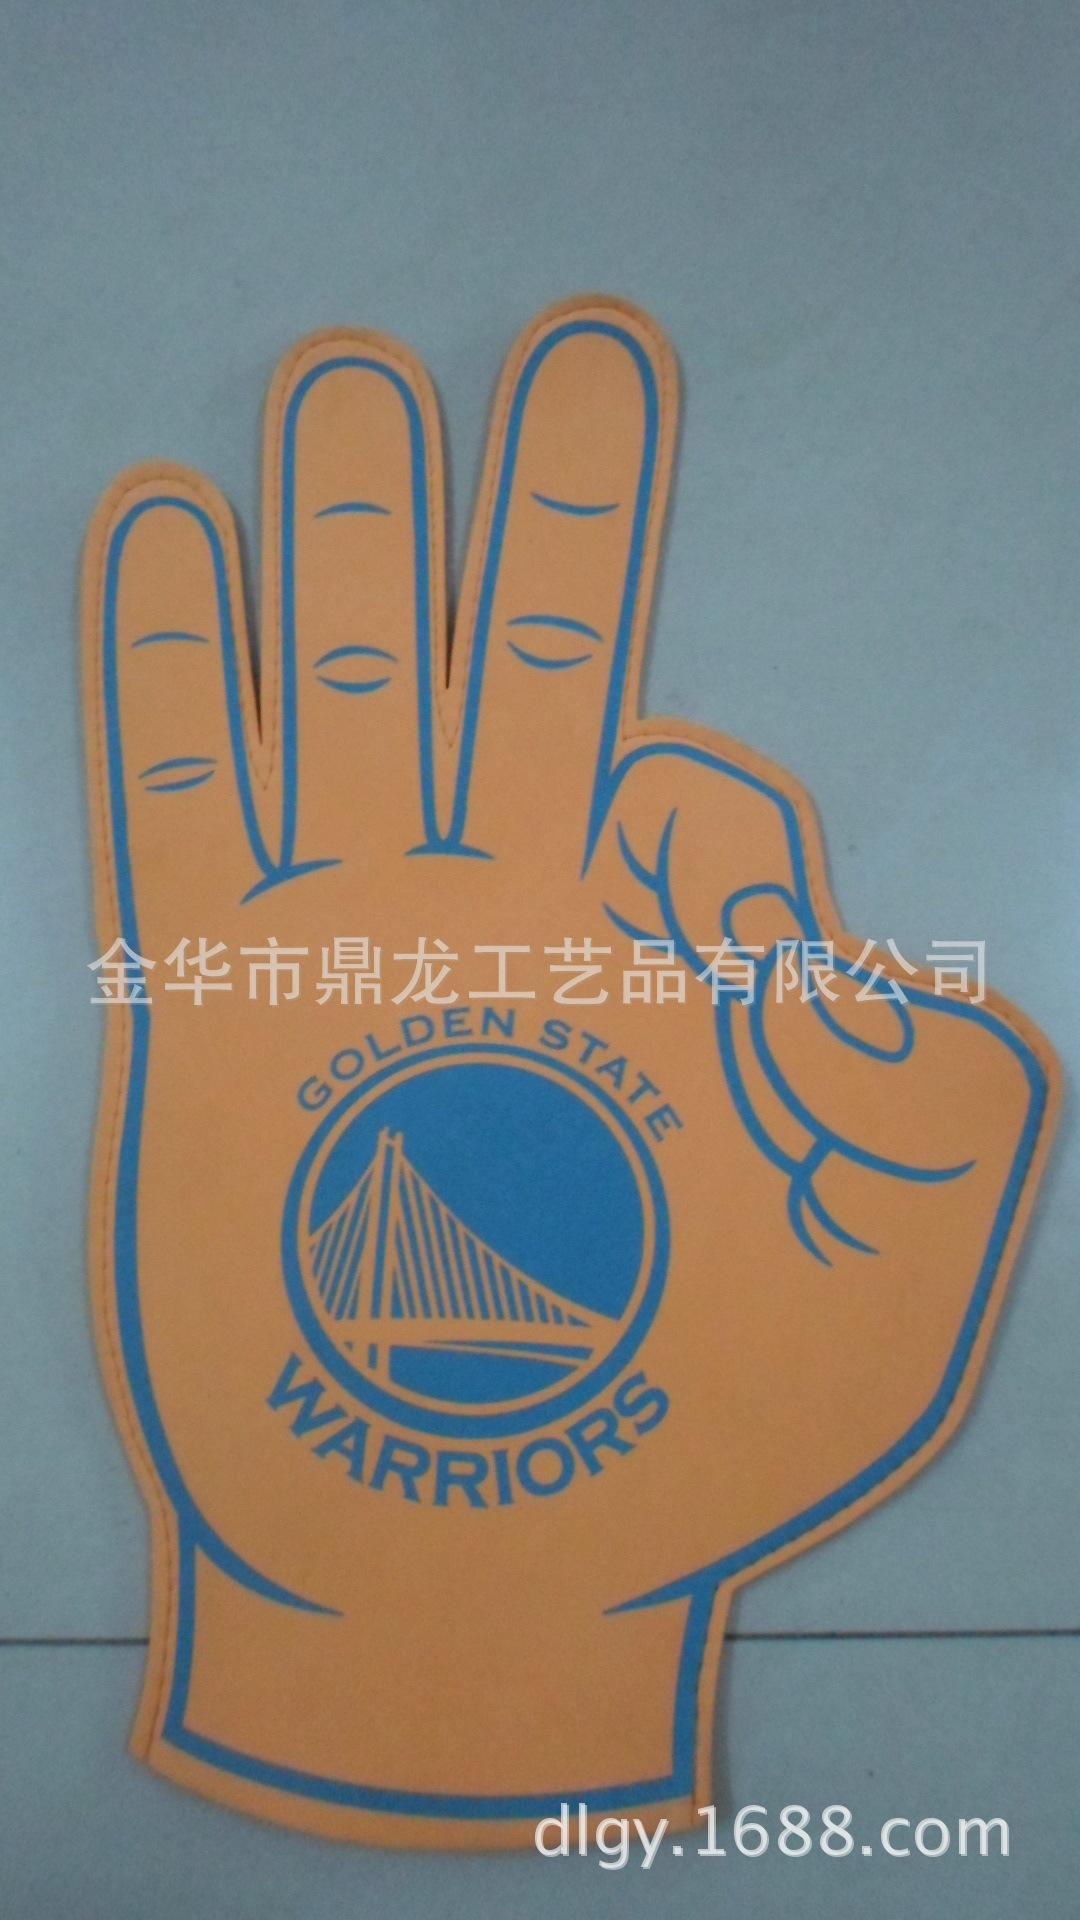 【v球赛EVA球赛,啦啦队手套,加油图纸,典型手套类手套轴完整零件手套图片